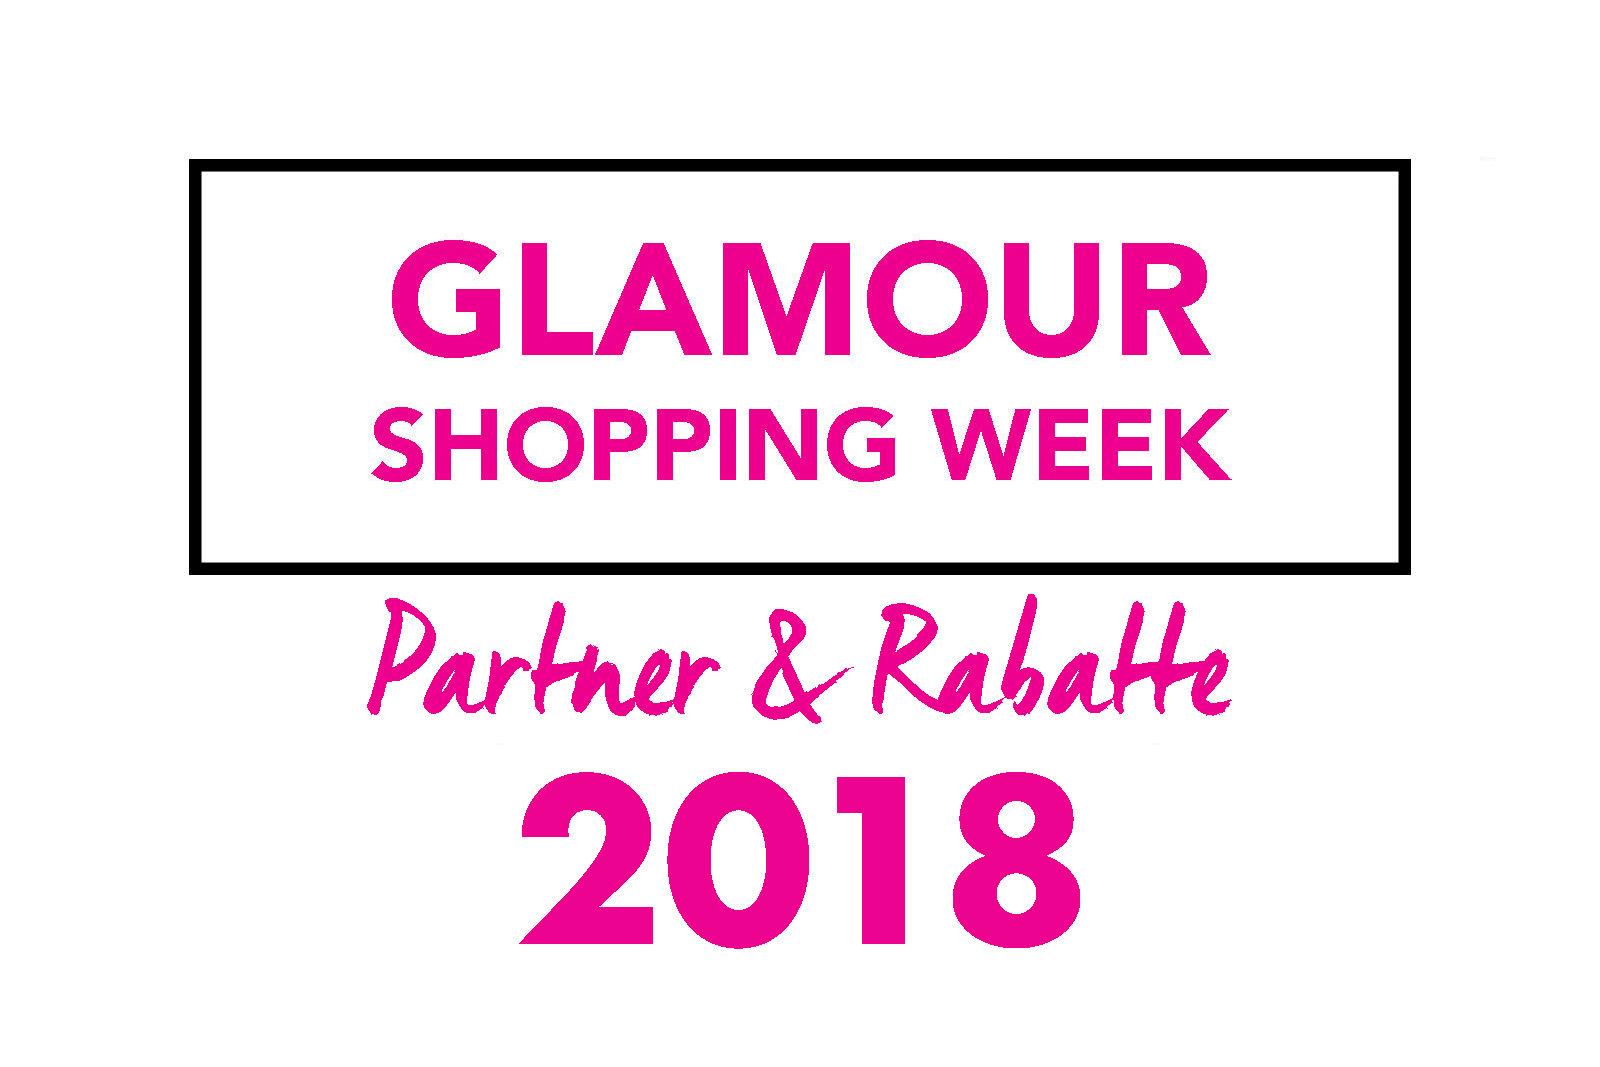 glamour shopping week 2018 alle rabatte partner im. Black Bedroom Furniture Sets. Home Design Ideas